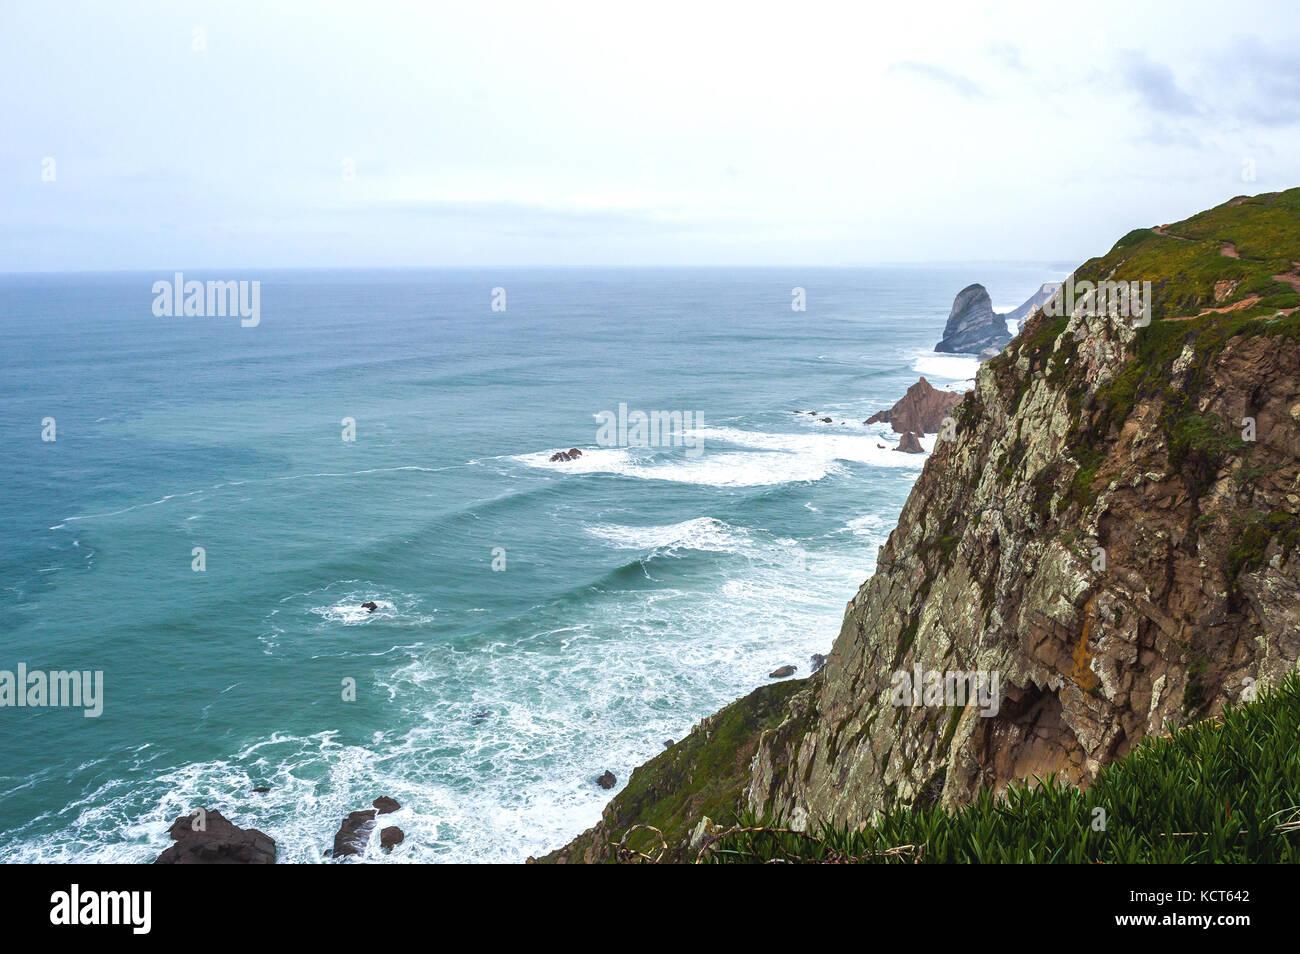 Cabo da Rocka Portugal. - Stock Image